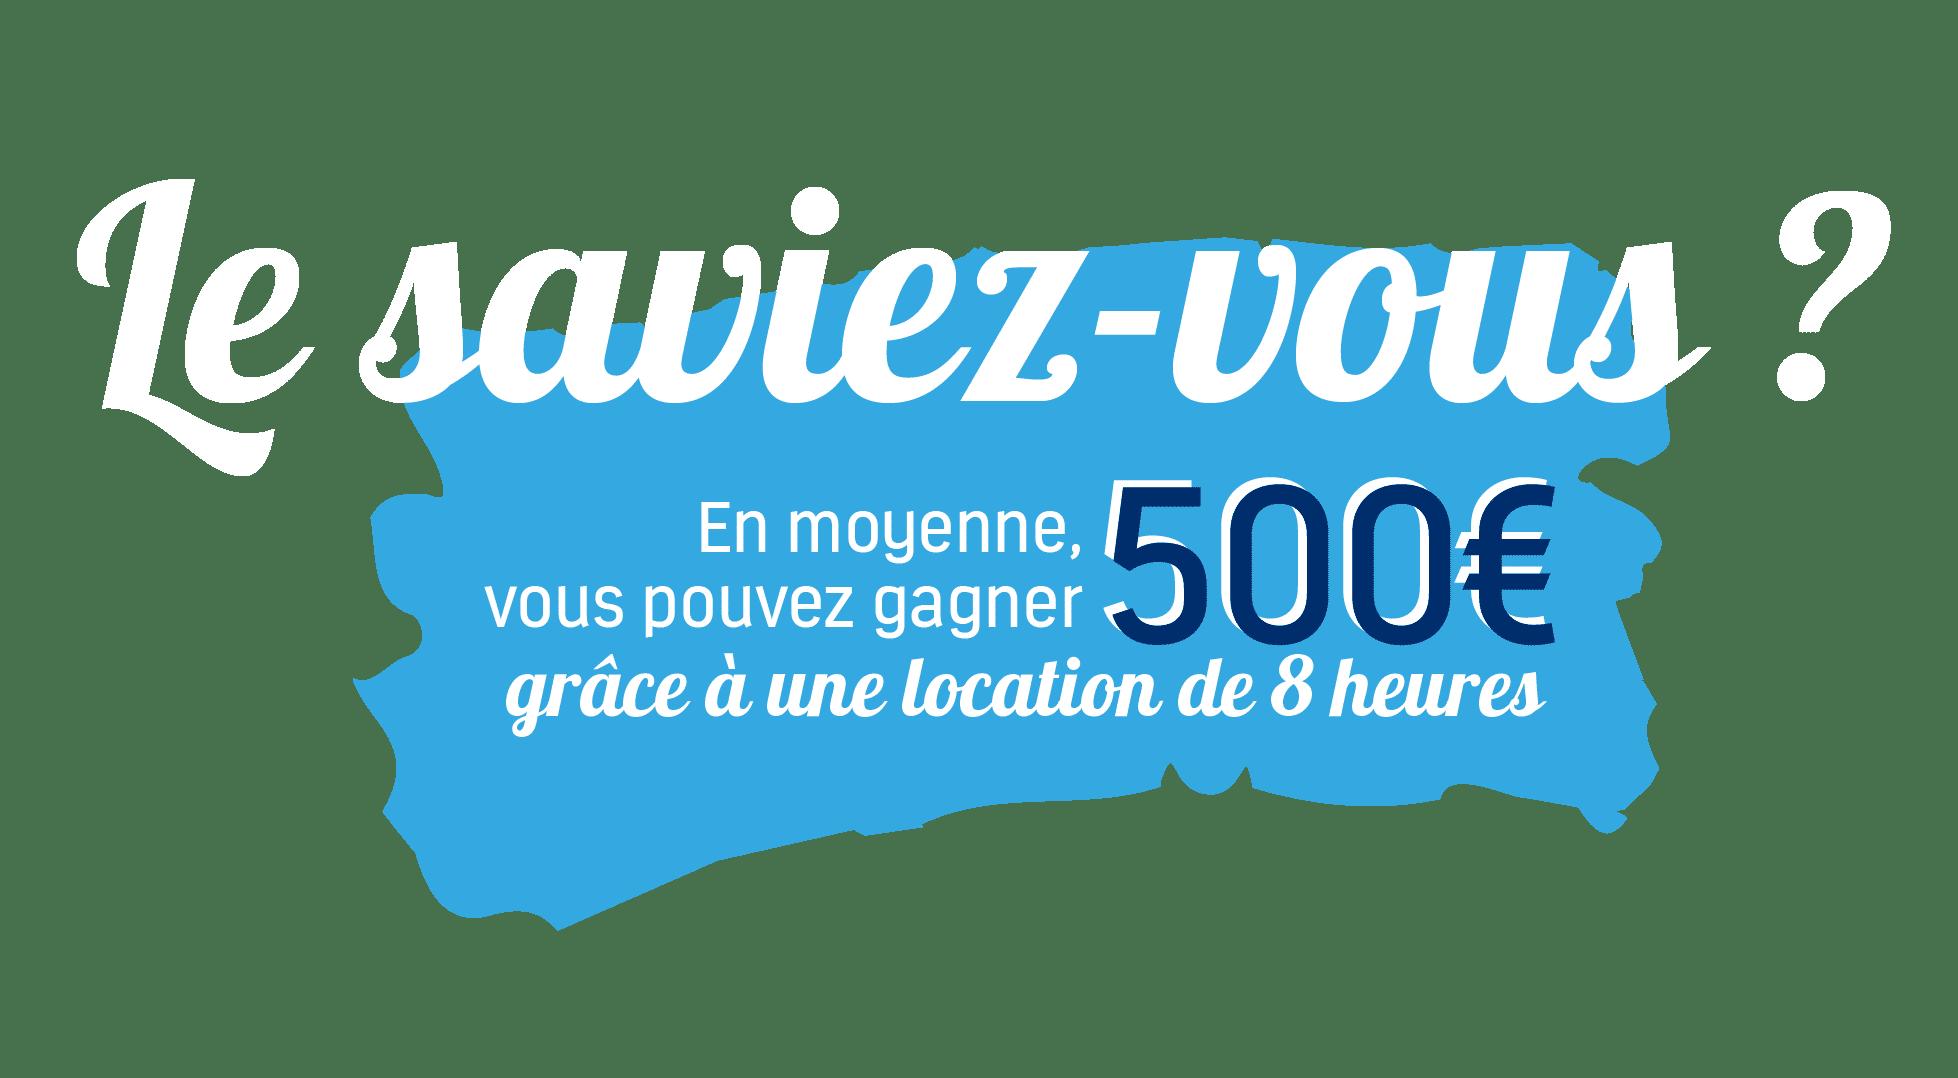 Location de votre logement à l'heure - gagner 500€